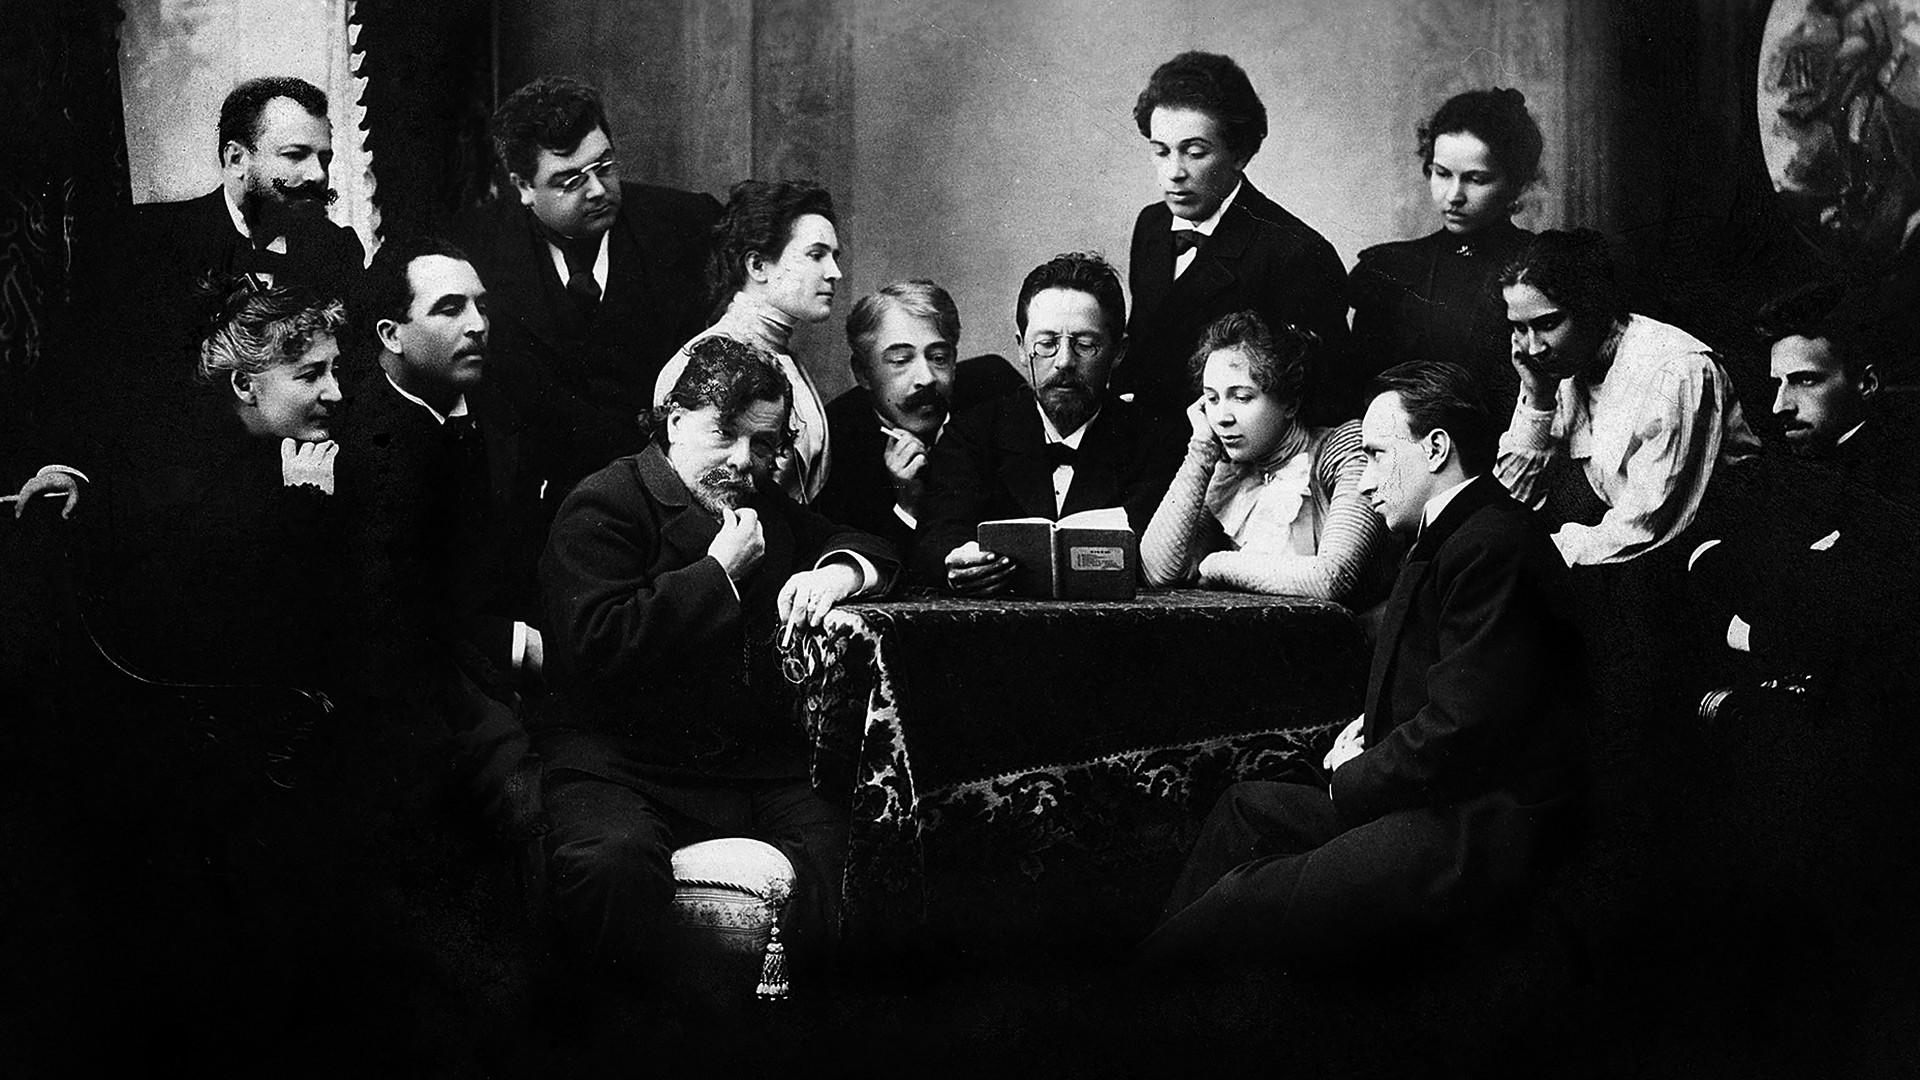 Chéjov y los actores del Teatro de Arte de Moscú: Konstantín Stanislavski (a la izq. de Chékhov), Olga Knipper (a la izq. de Stanislavski), Vsévolod Meyerhold (a la der.), Vladímir Nemiróvich Danchenko (de pie a la izq. de Chéjov) y otros.